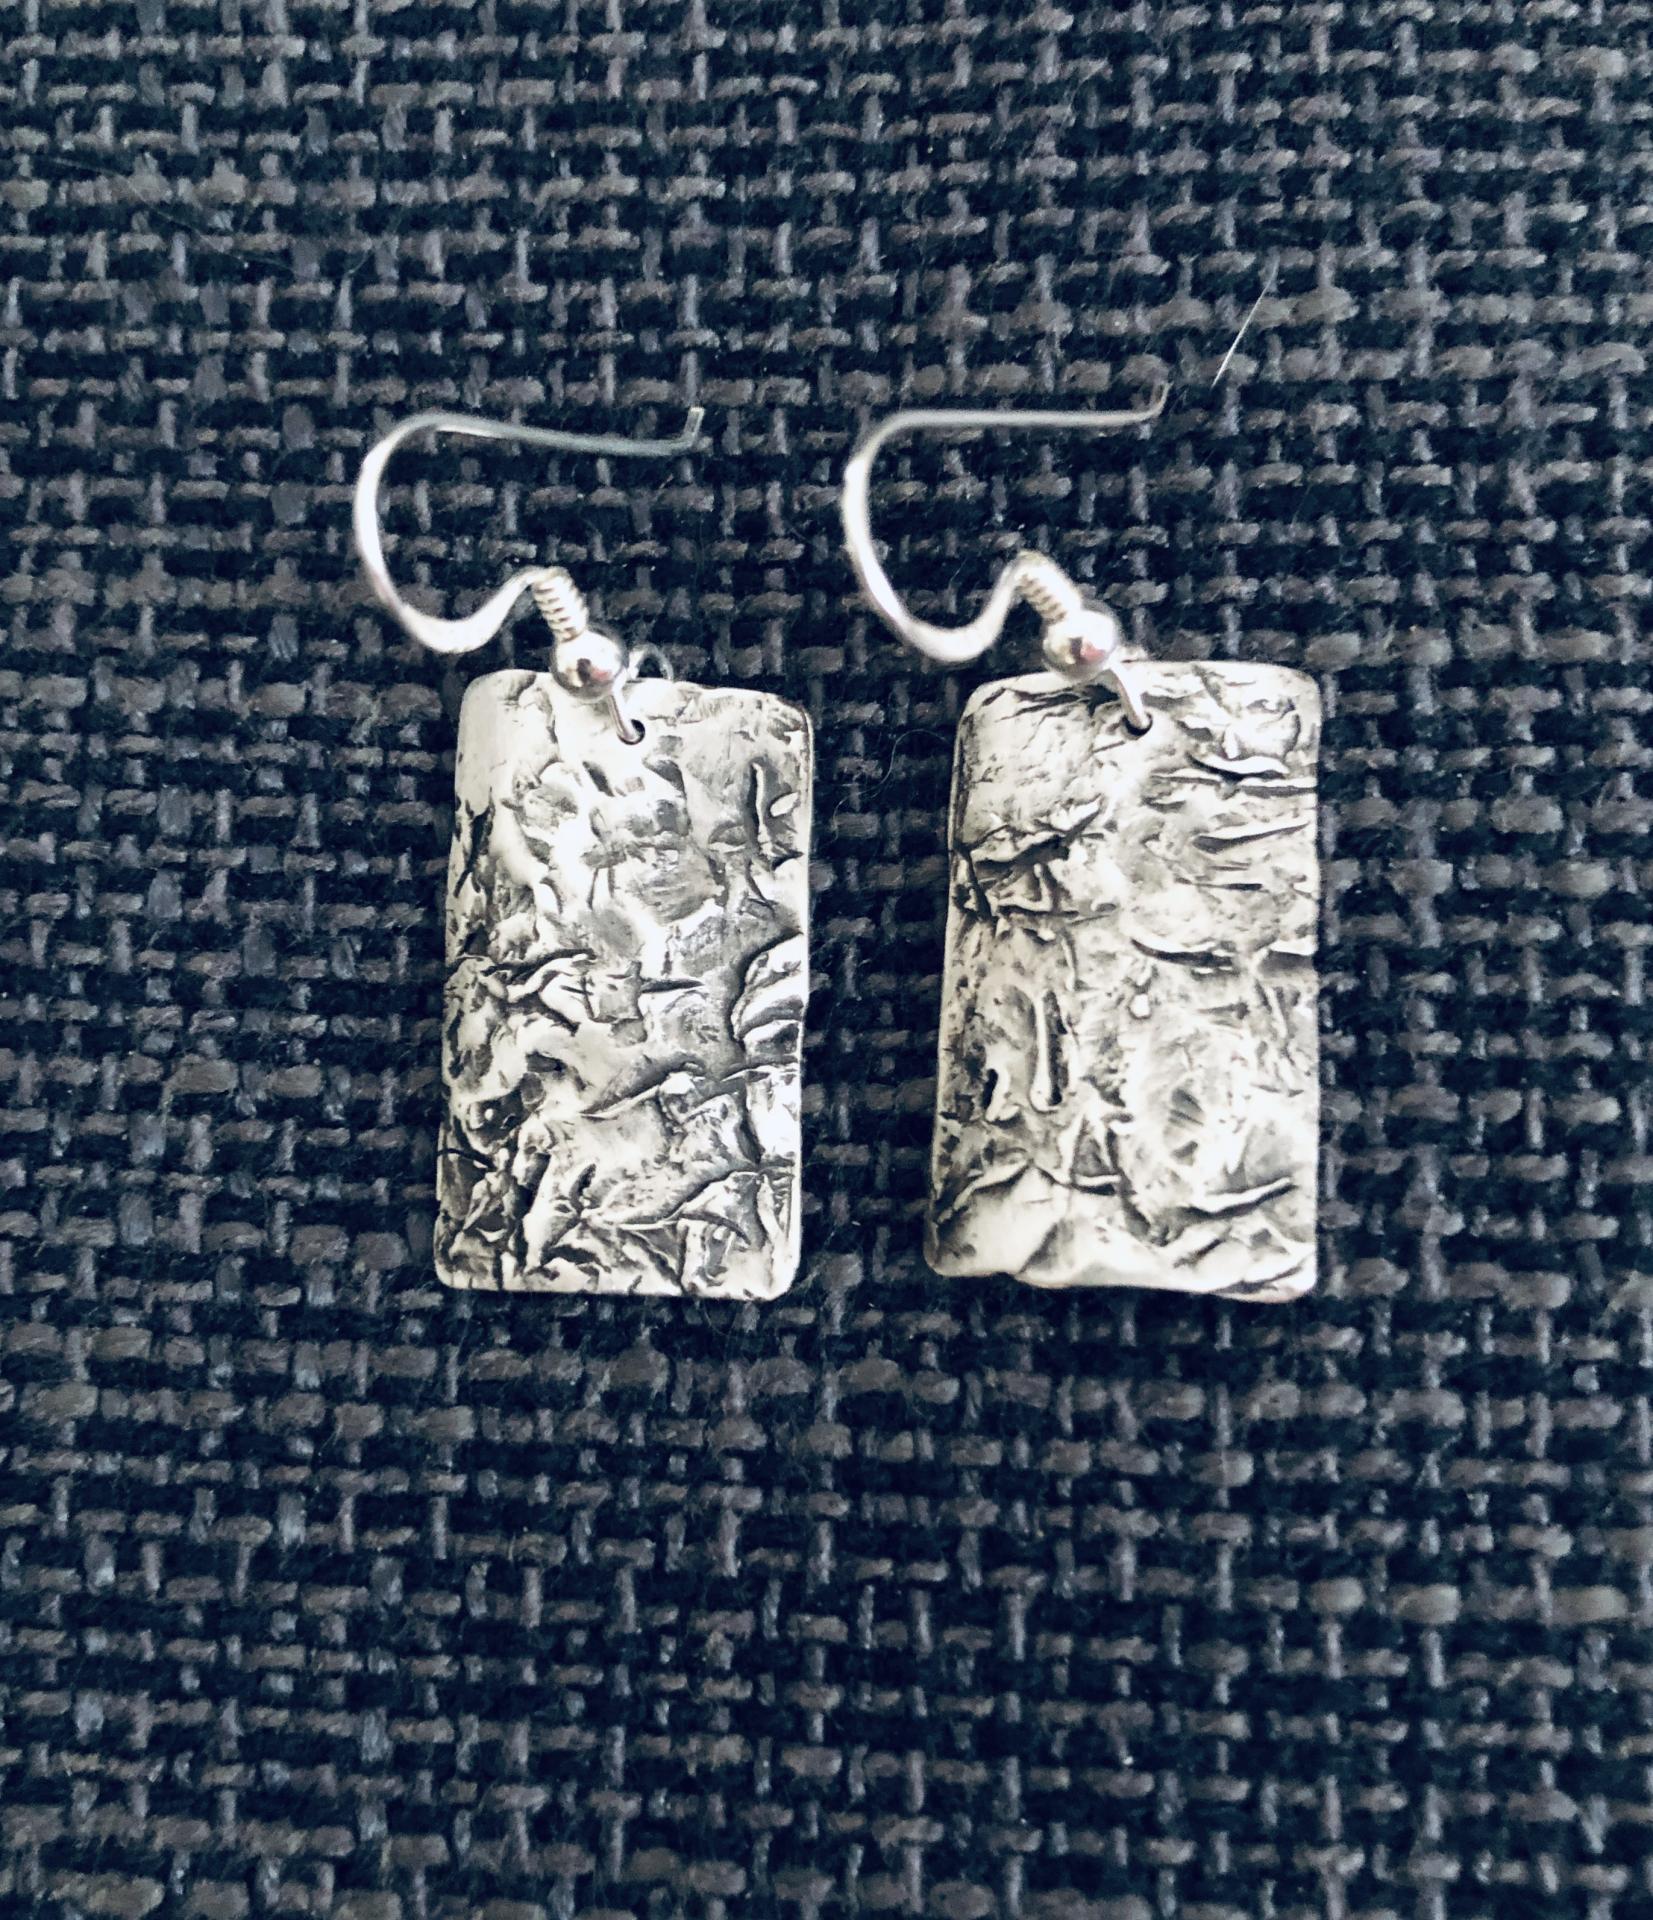 Pendientes texturados de plata mate y pátina negra